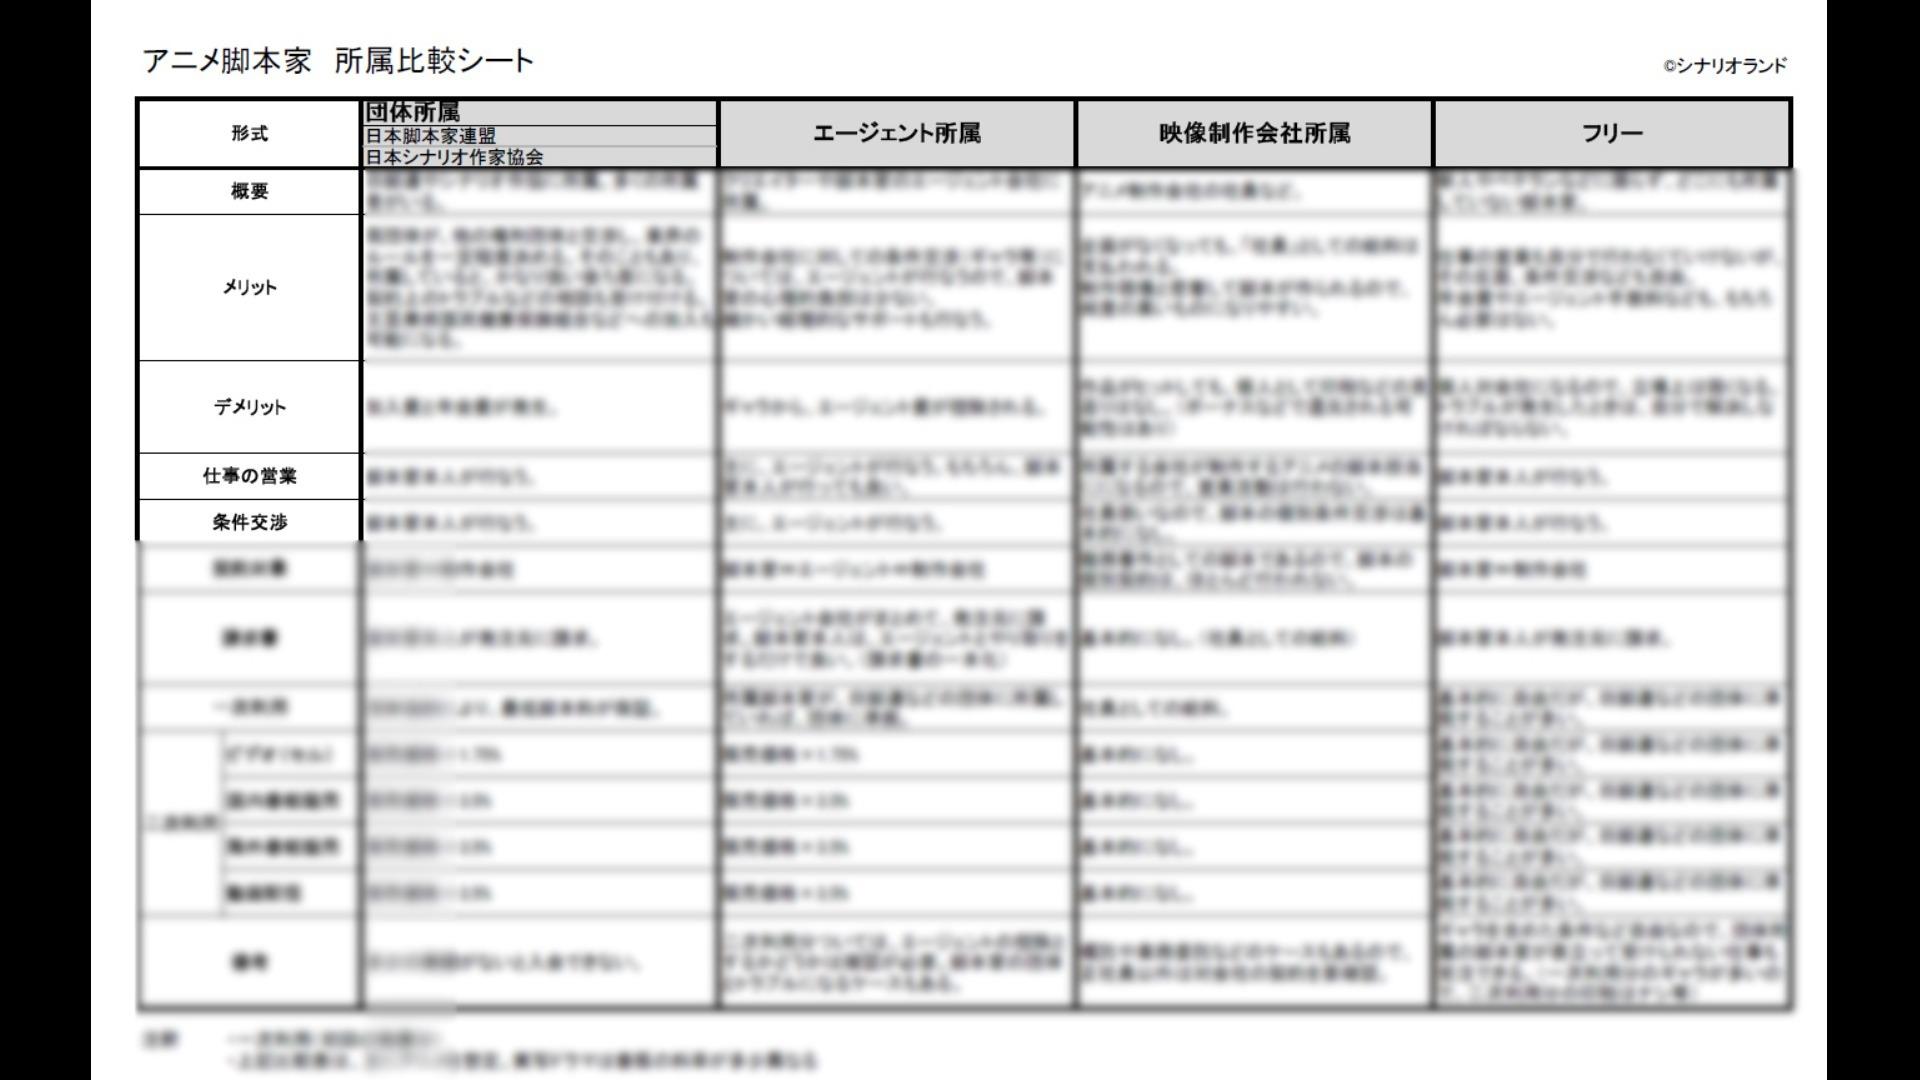 アニメ脚本家 所属比較シート